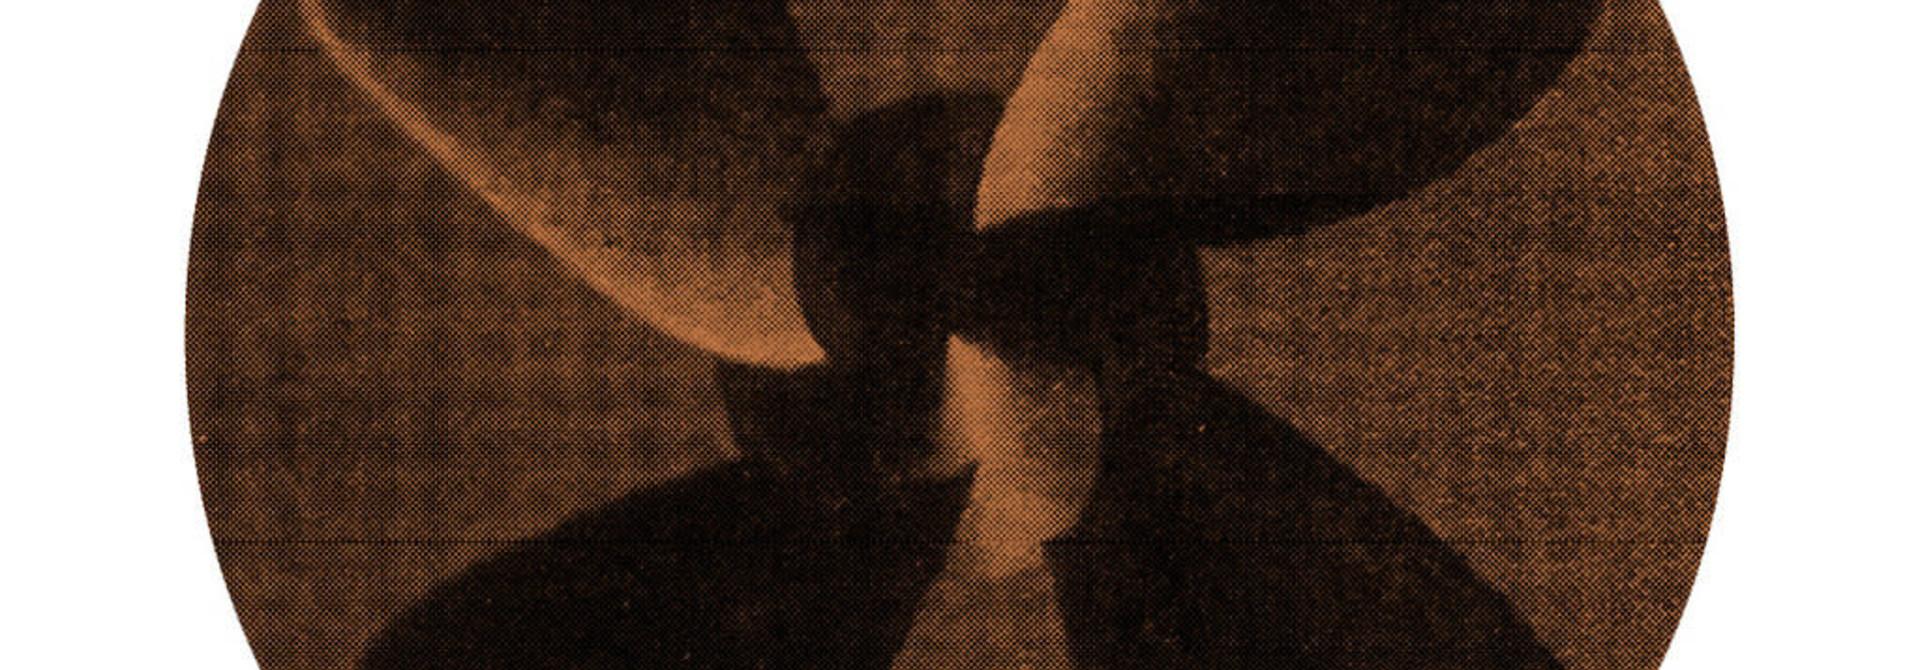 Motohiko Hamase • Technodrome